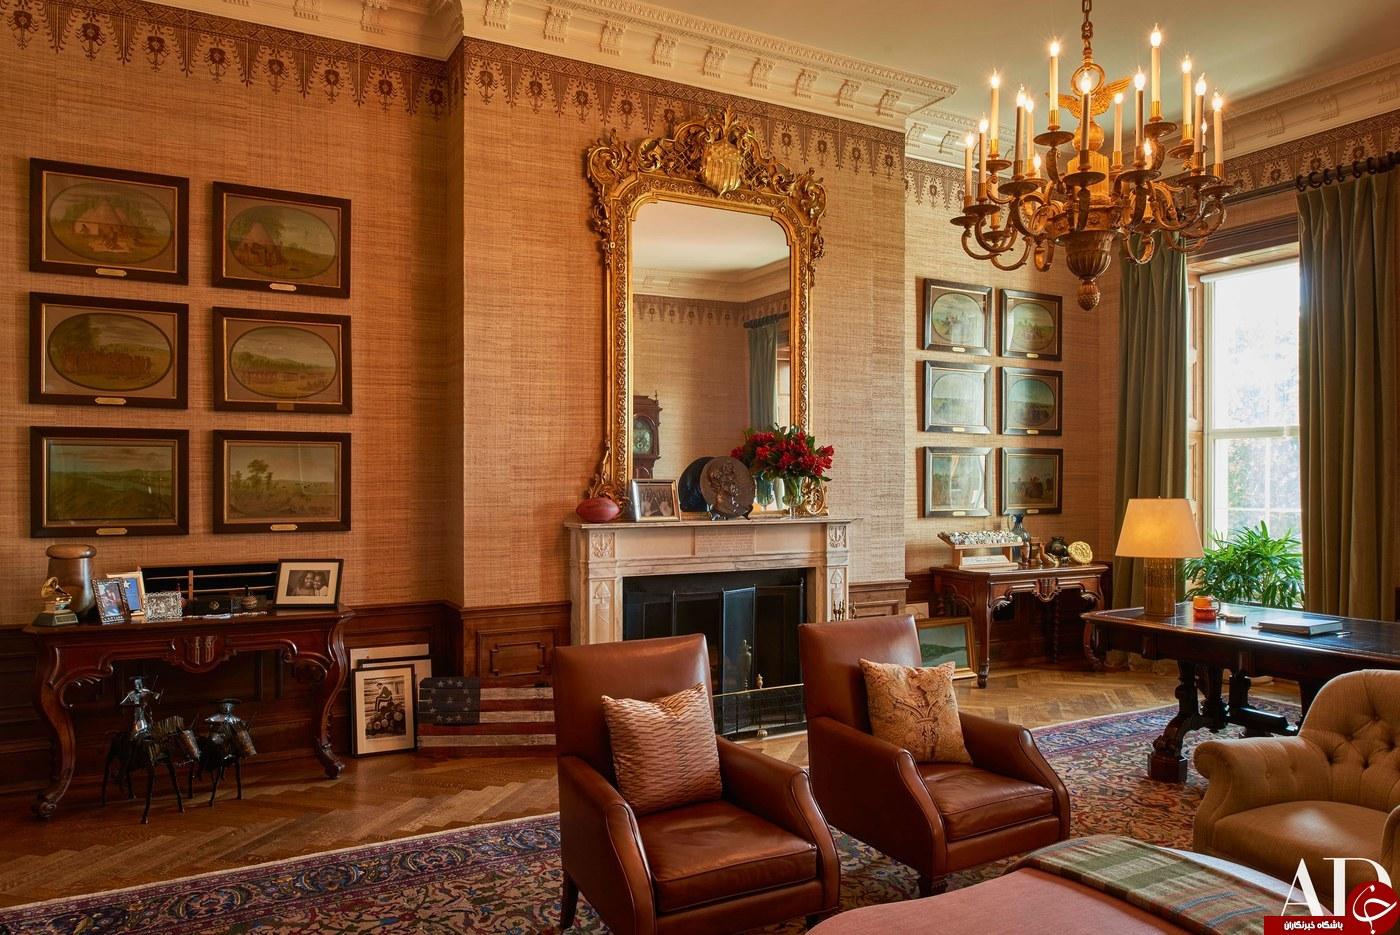 تصاویری از اقامتگاه اوباما و خانوادهاش در کاخ سفید